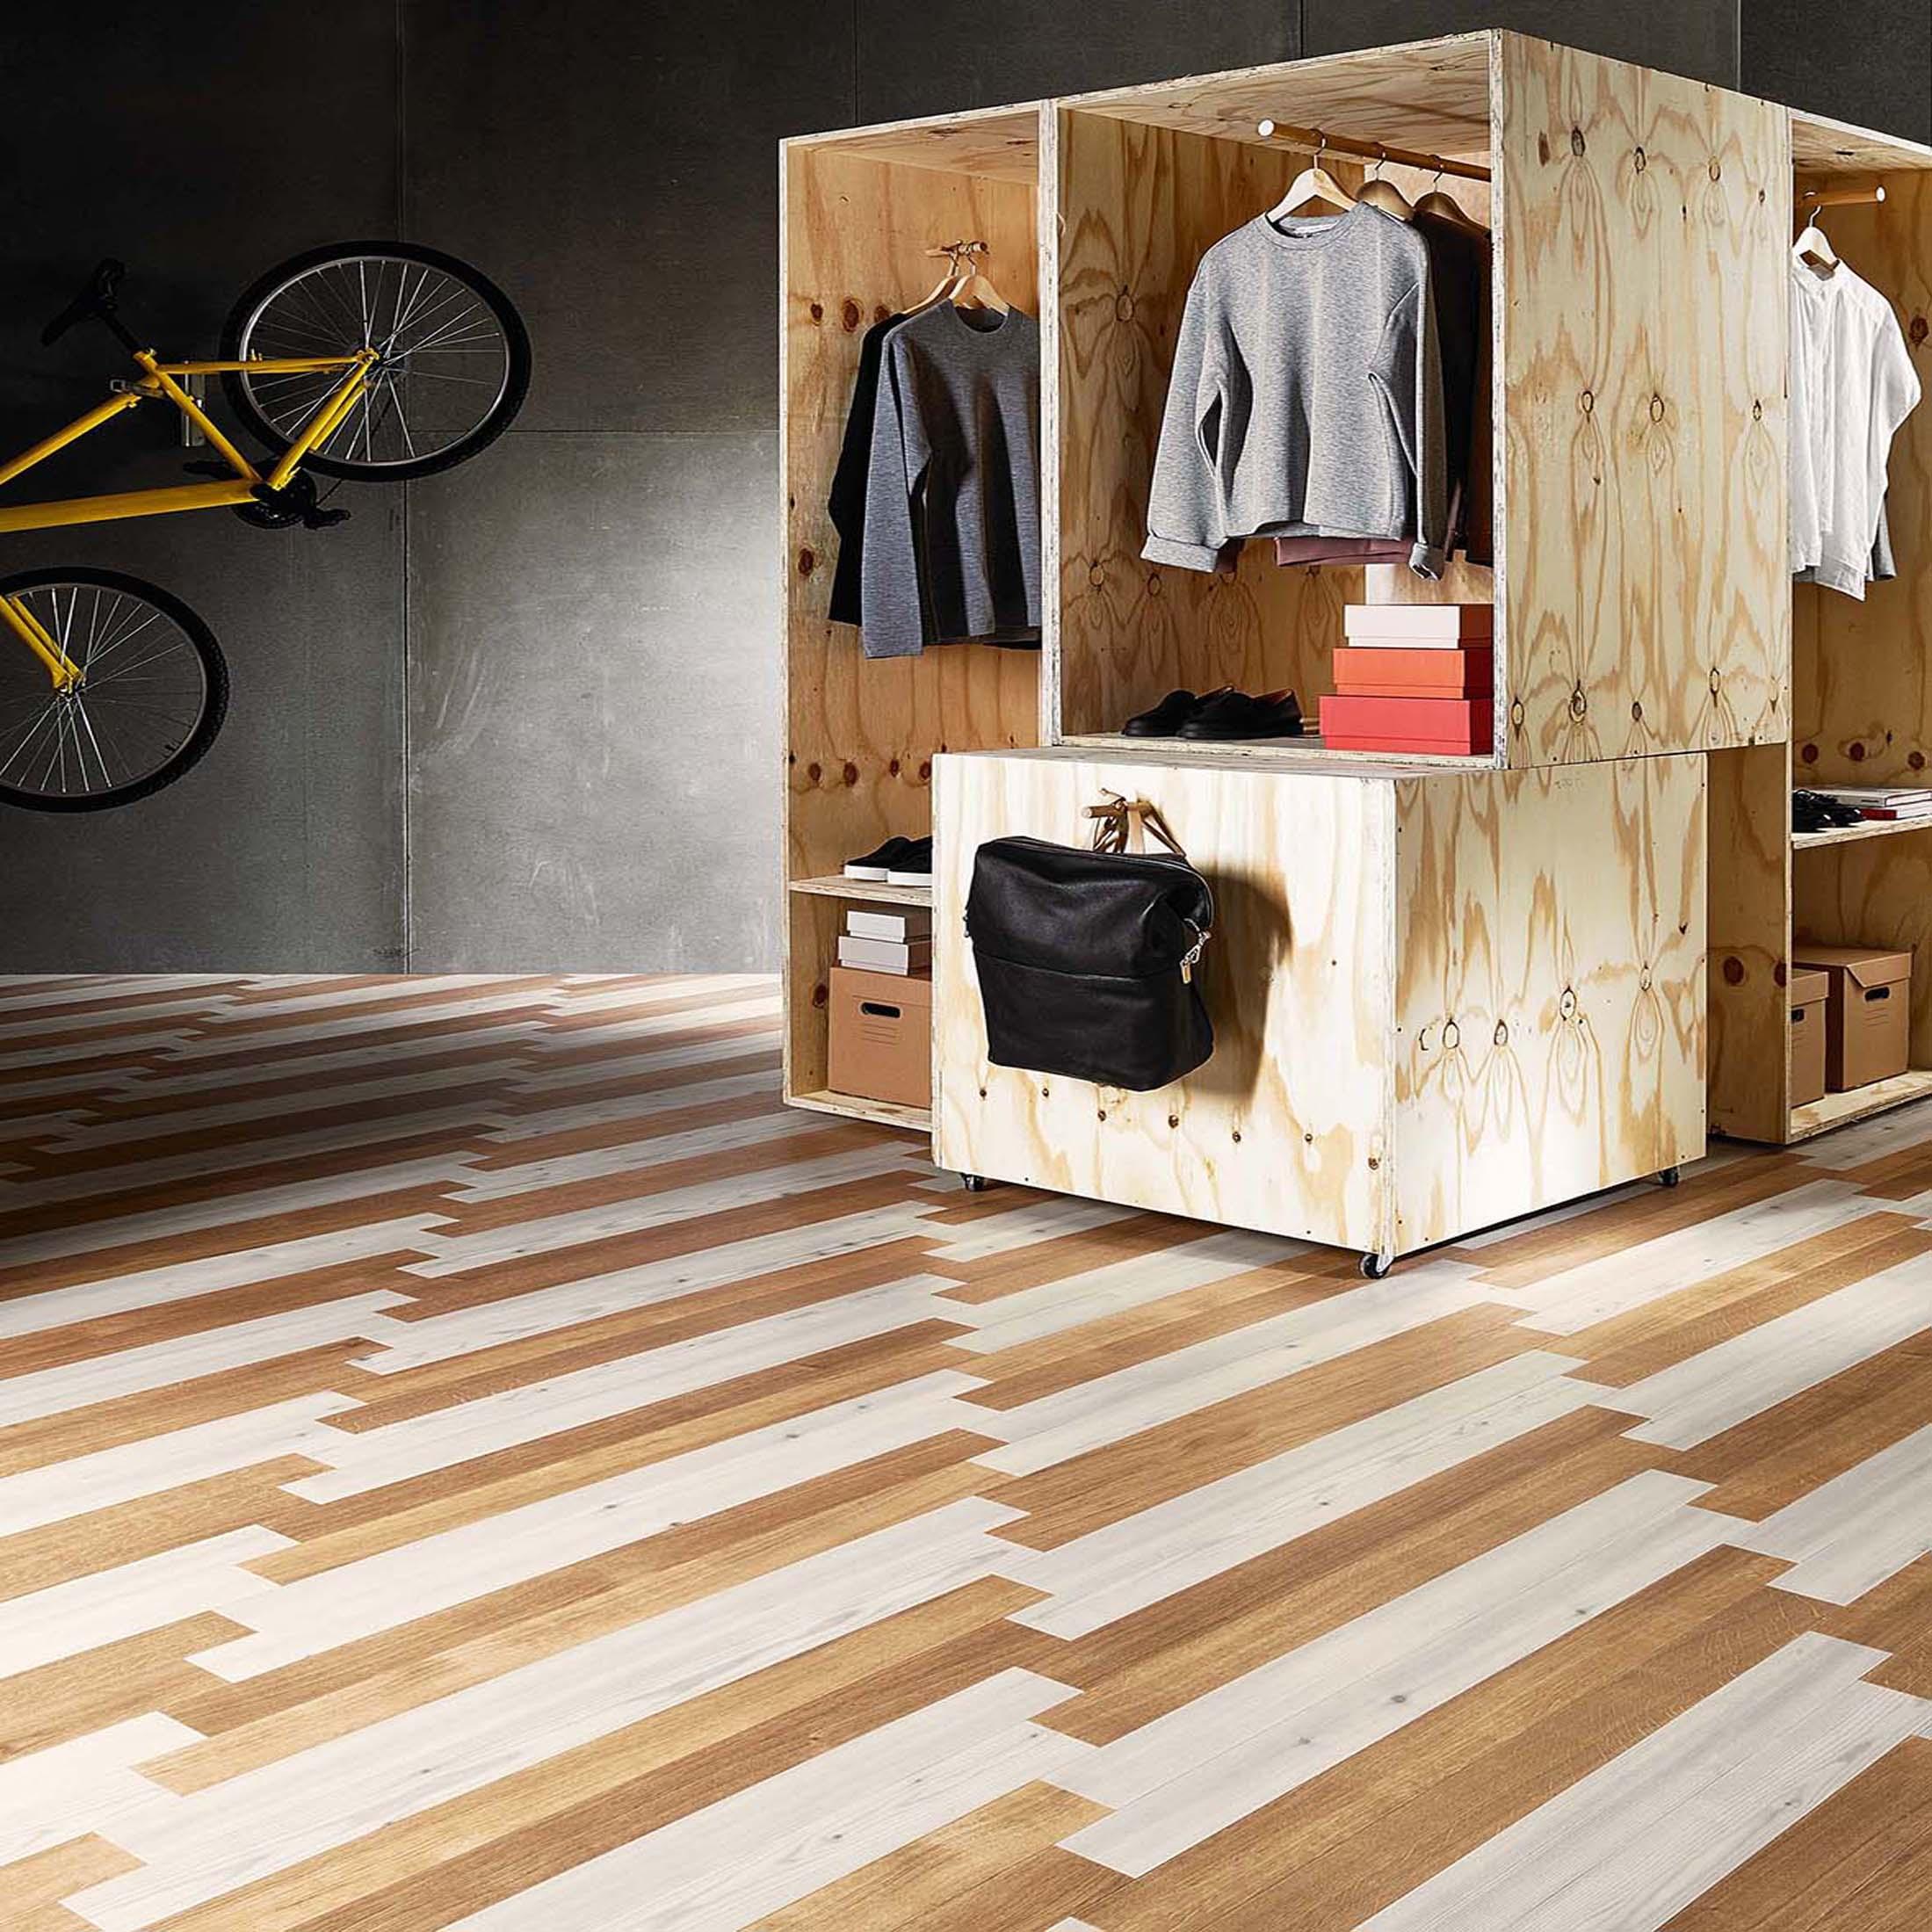 AR0W7750-Chalked-Pine-AR0W7520-White-Oak-01-Dec-14-CMYK - Copy